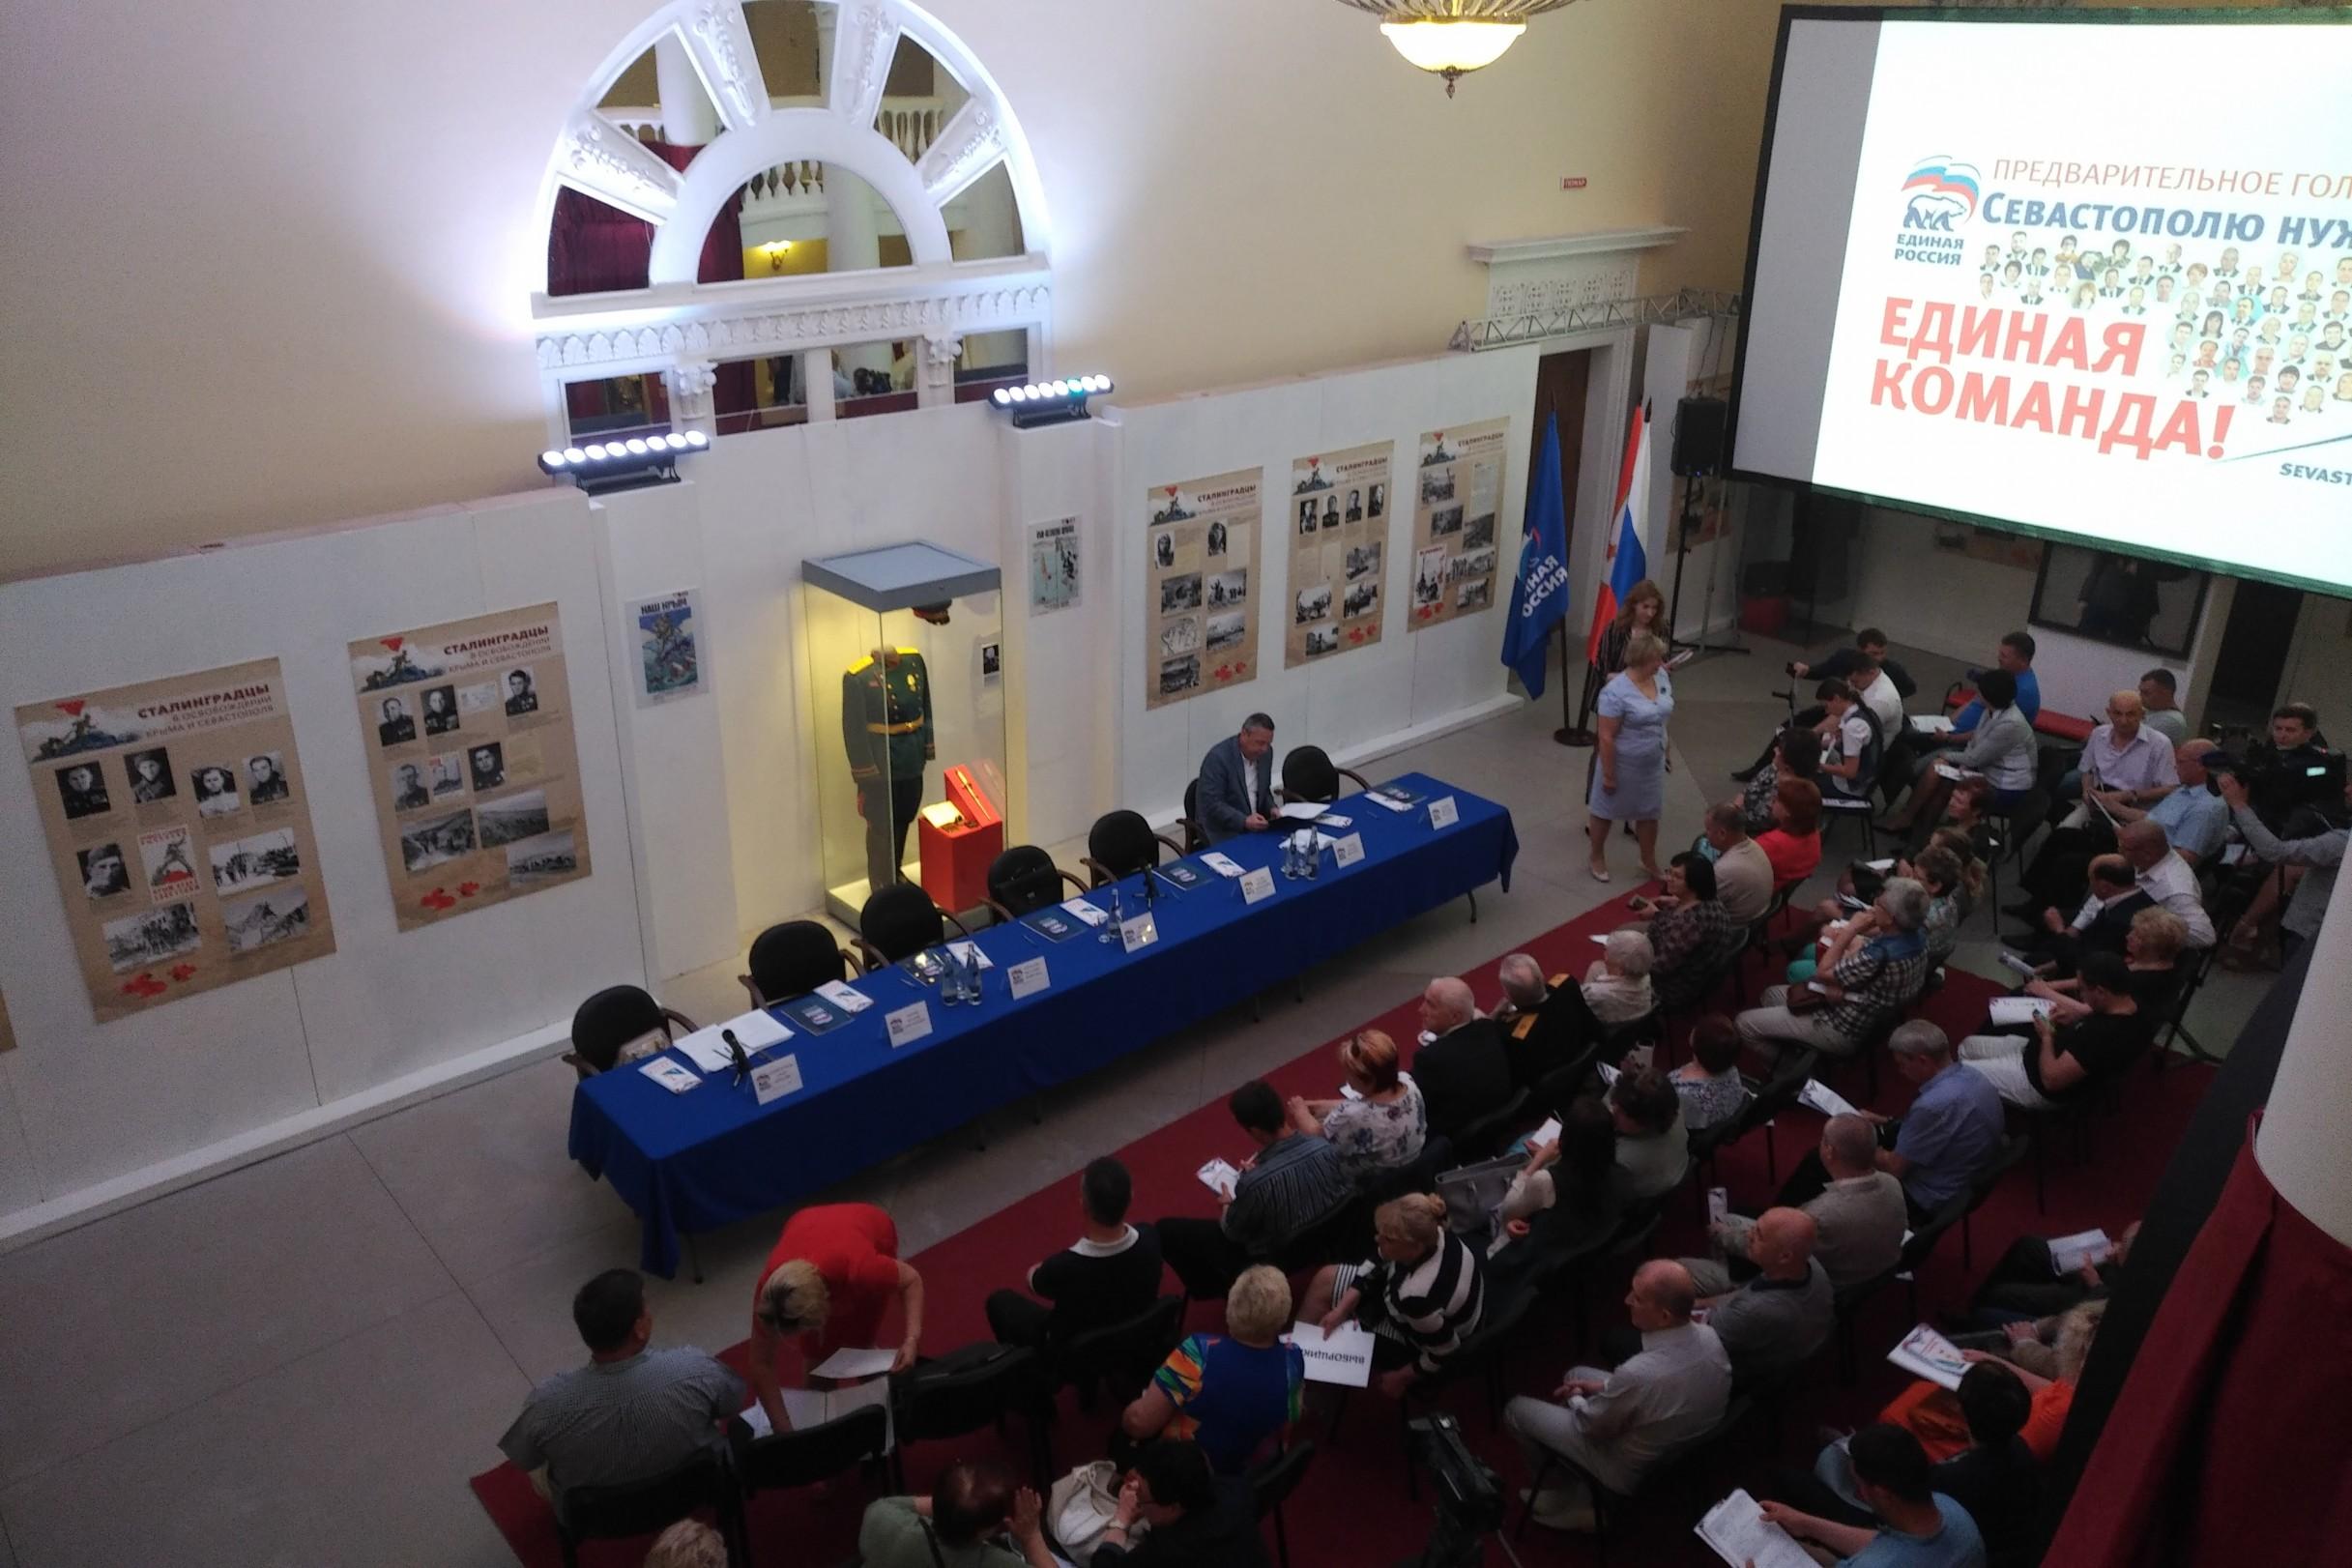 Обнародован предварительный список кандидатов праймериз «Единой России» в Севастополе